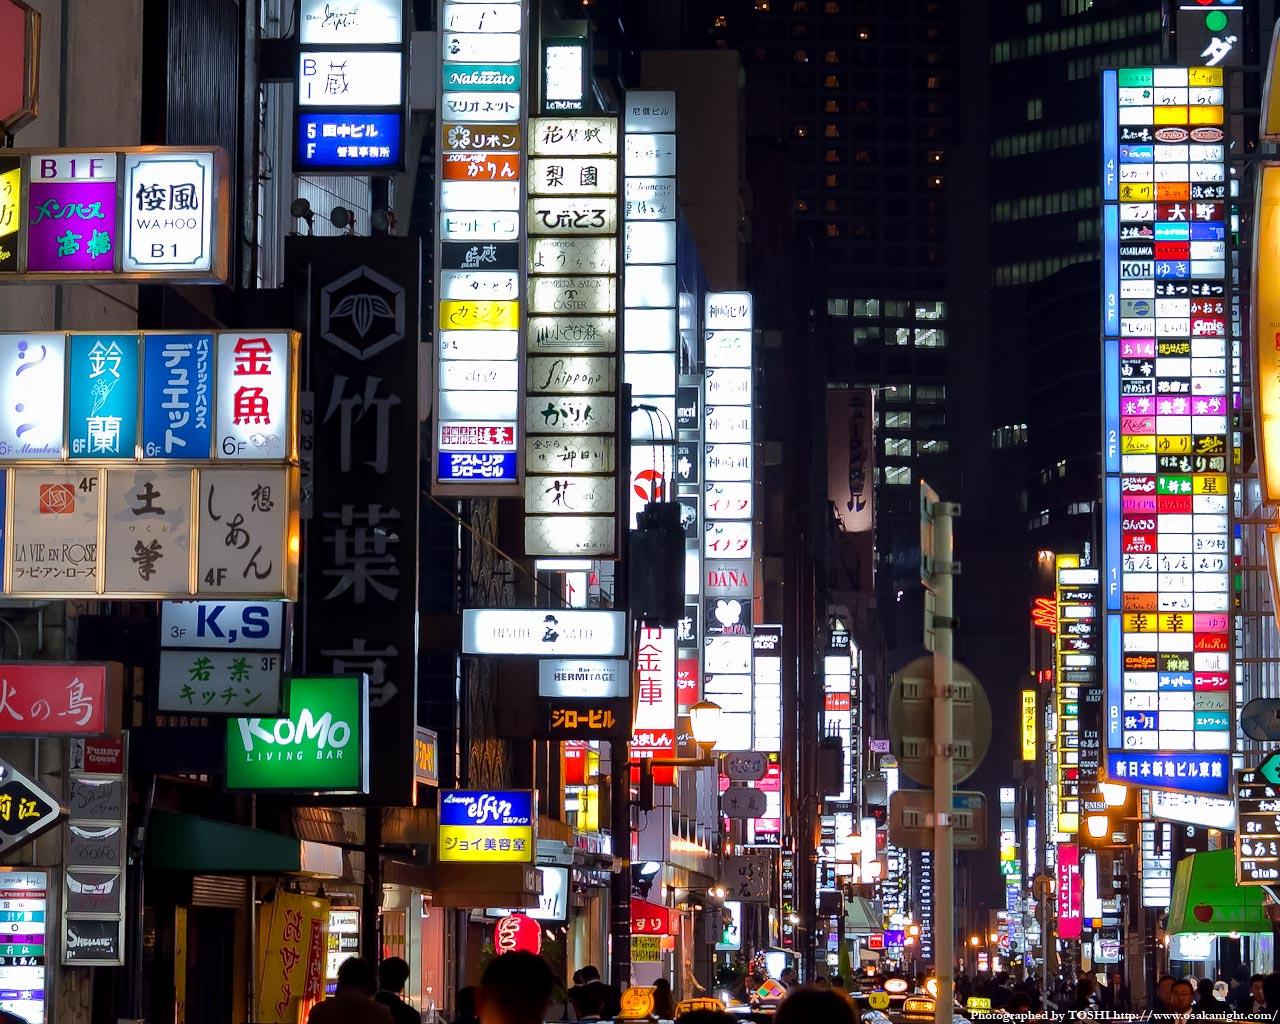 北新地新地本通り夜景7